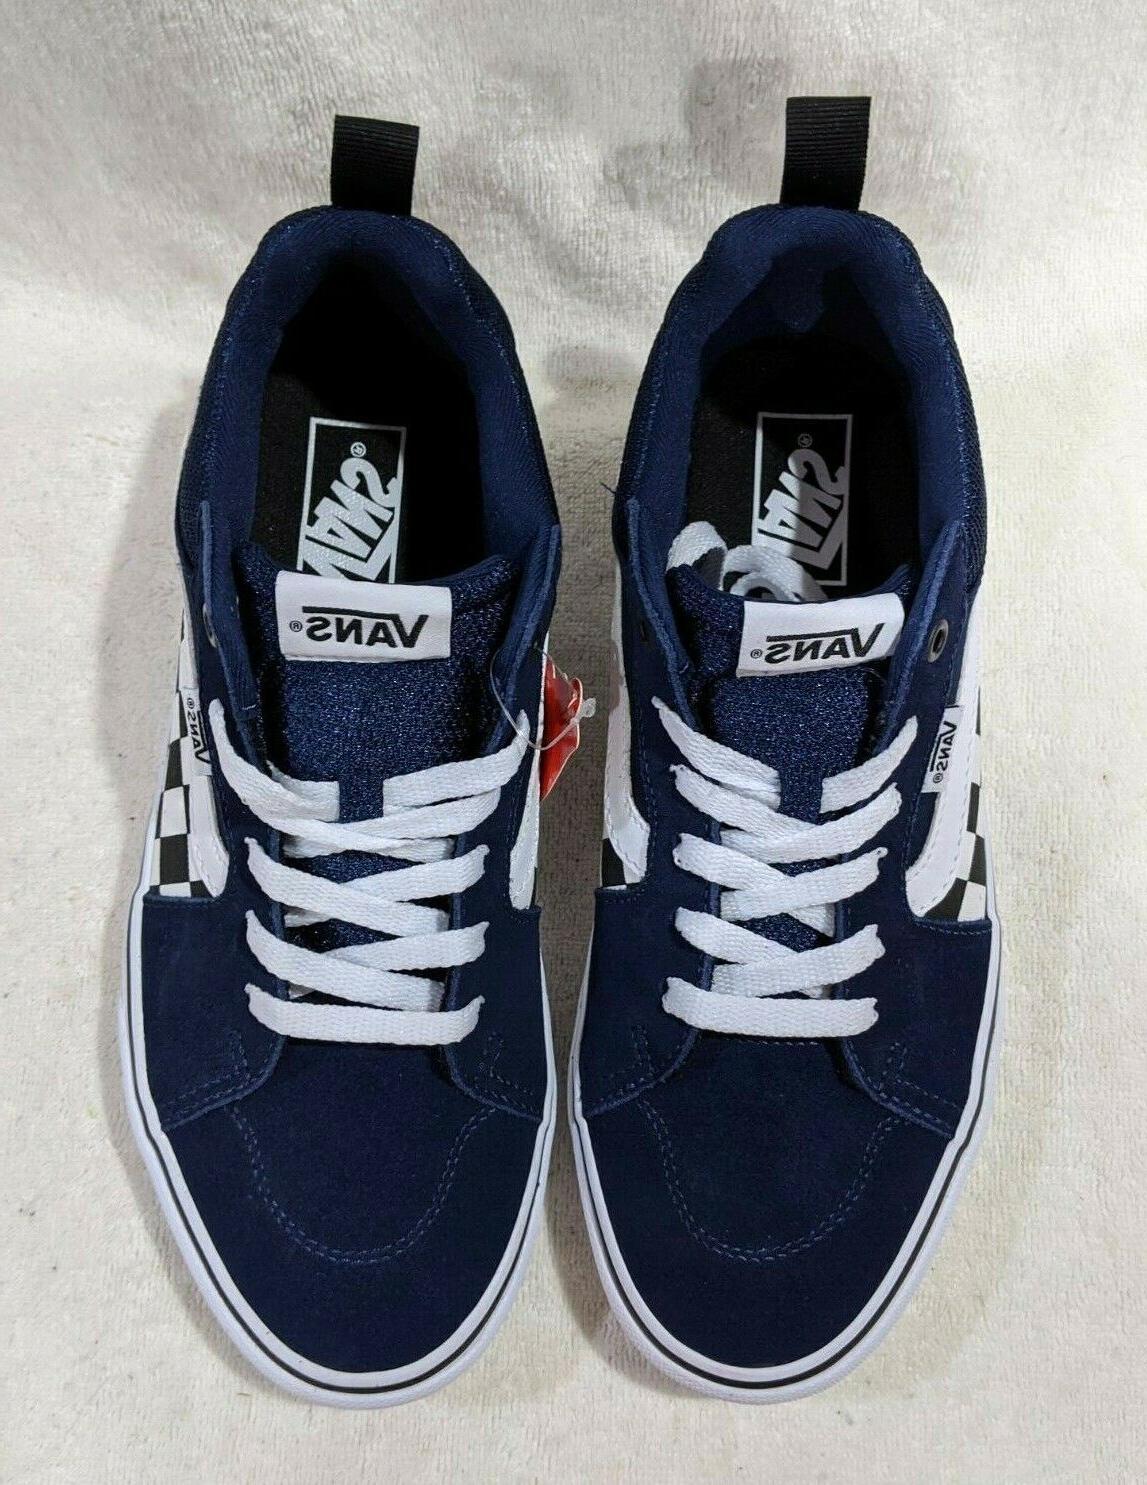 Vans Men's Filmore Checkerboard Dress Blue/White Skate Sizes